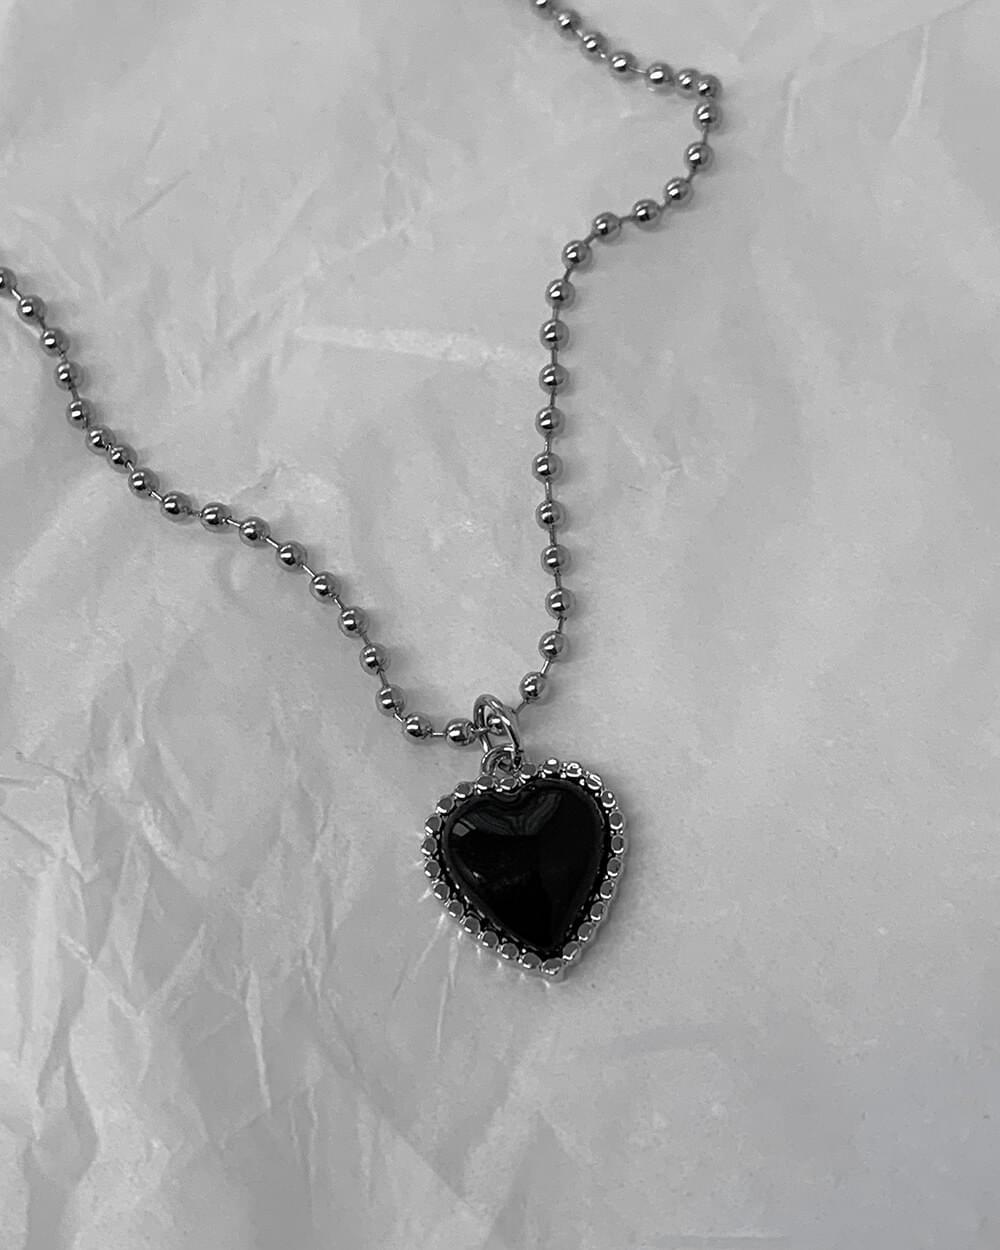 復古黑色愛心圓珠項鍊